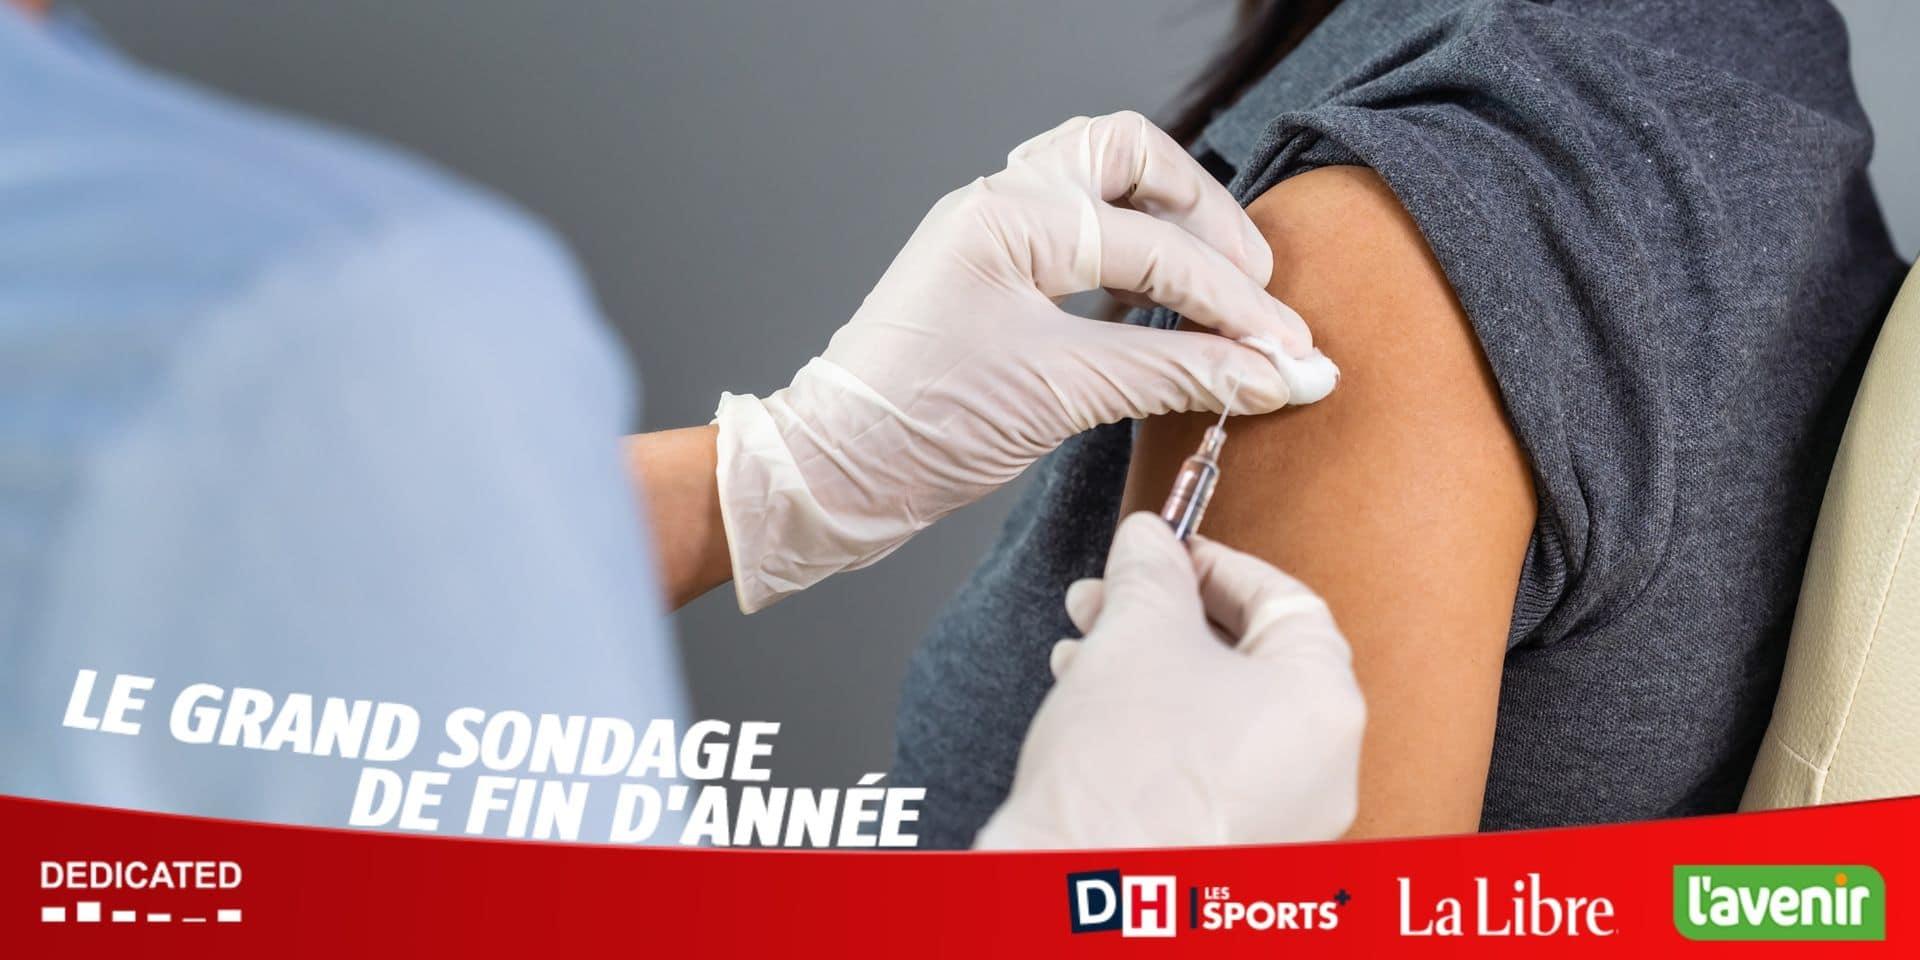 Le grand sondage de fin d'année de la DH : pour réussir la stratégie de vaccination, il faudra convaincre